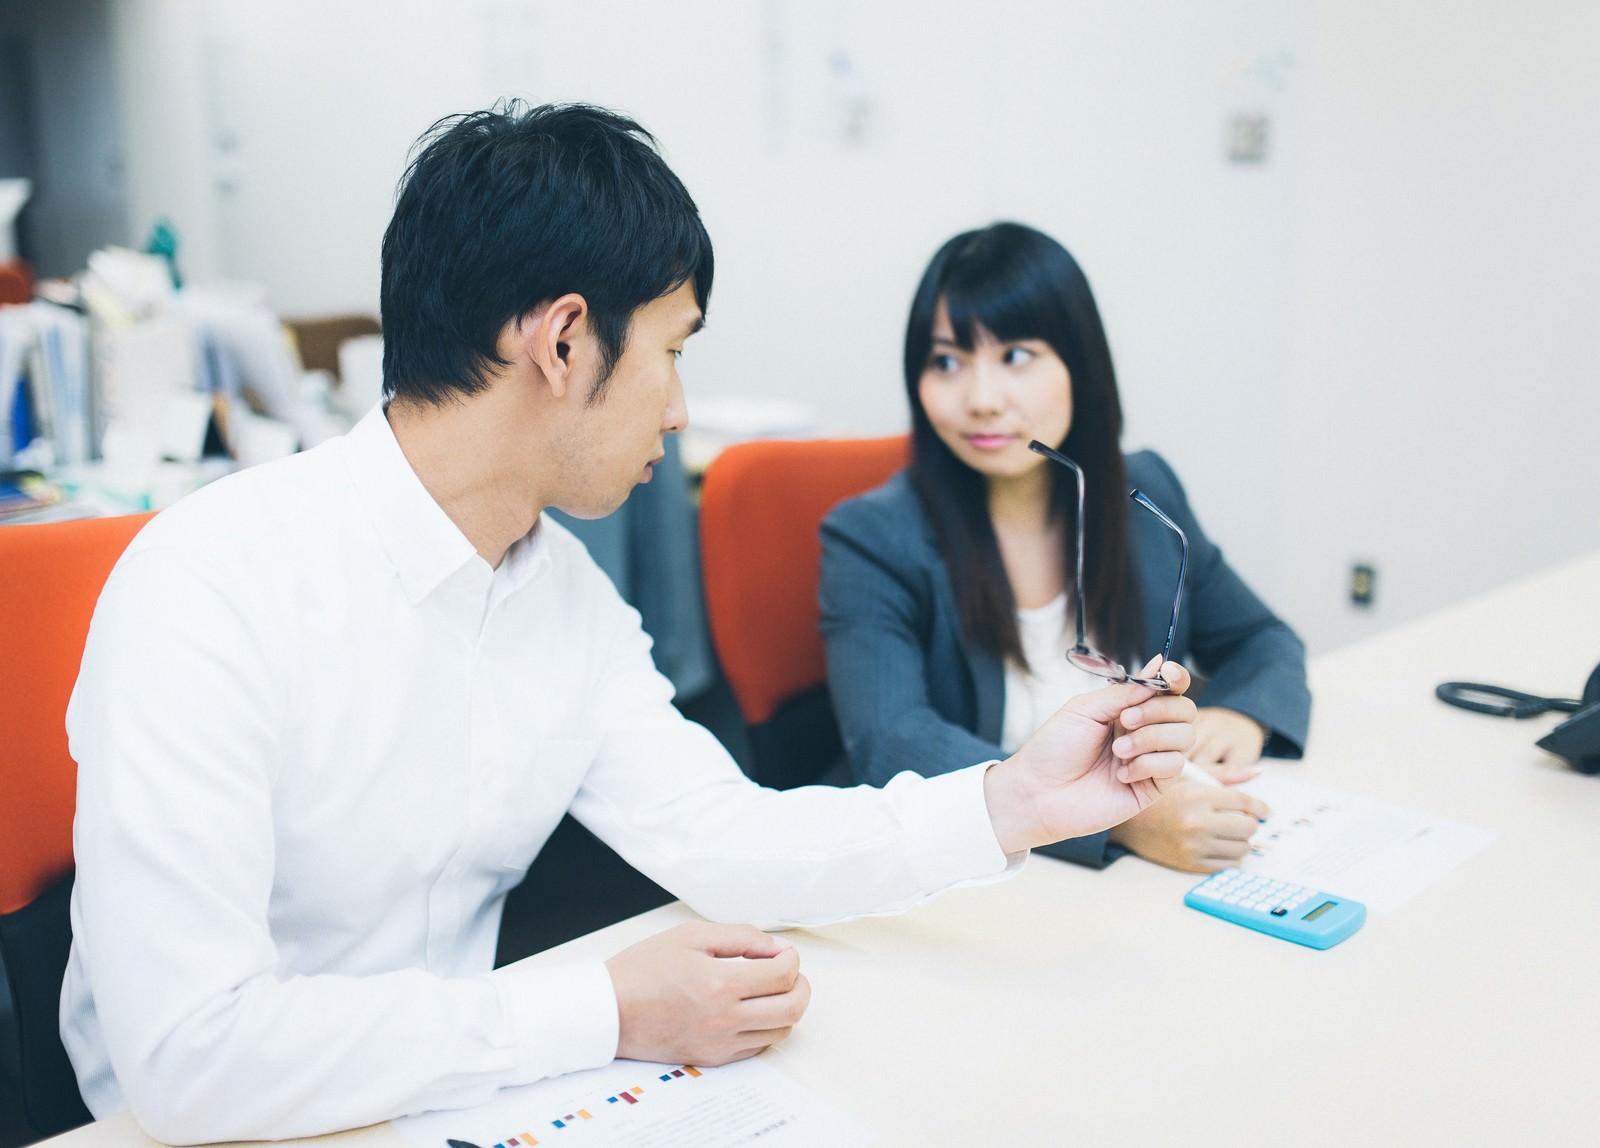 「「今日は終わりにしようか?」と仕事を切り上げる上司と部下」の写真[モデル:大川竜弥 Lala]